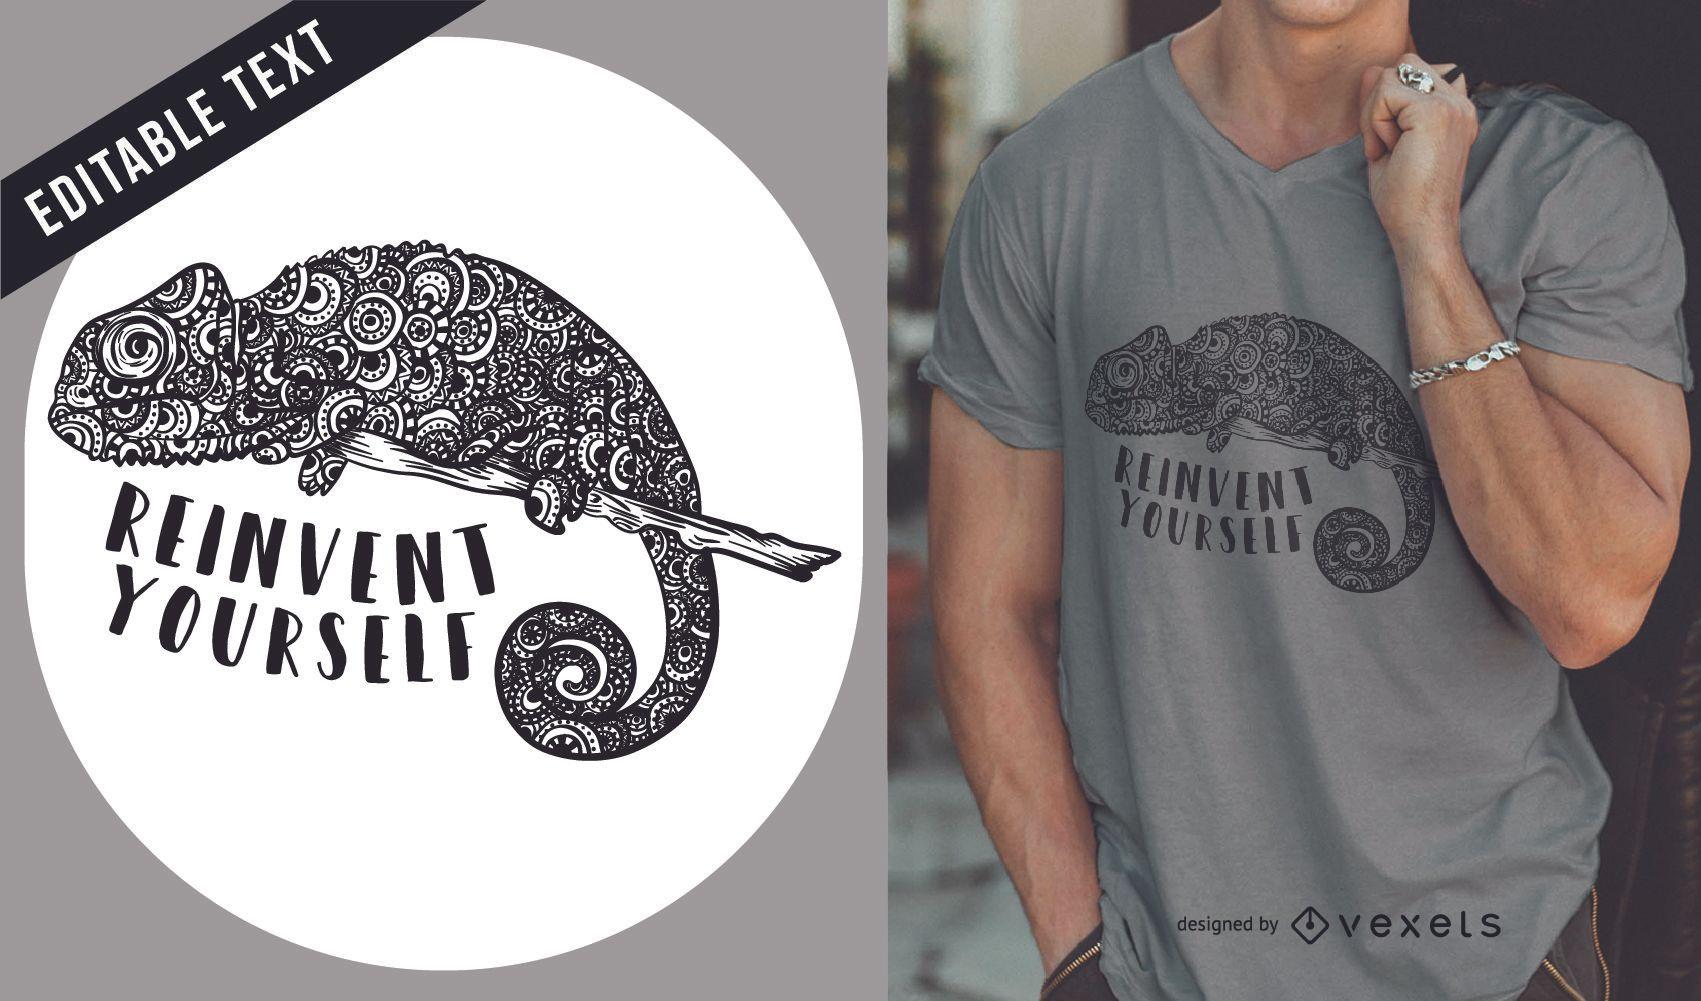 Chameleon illustration t-shirt design